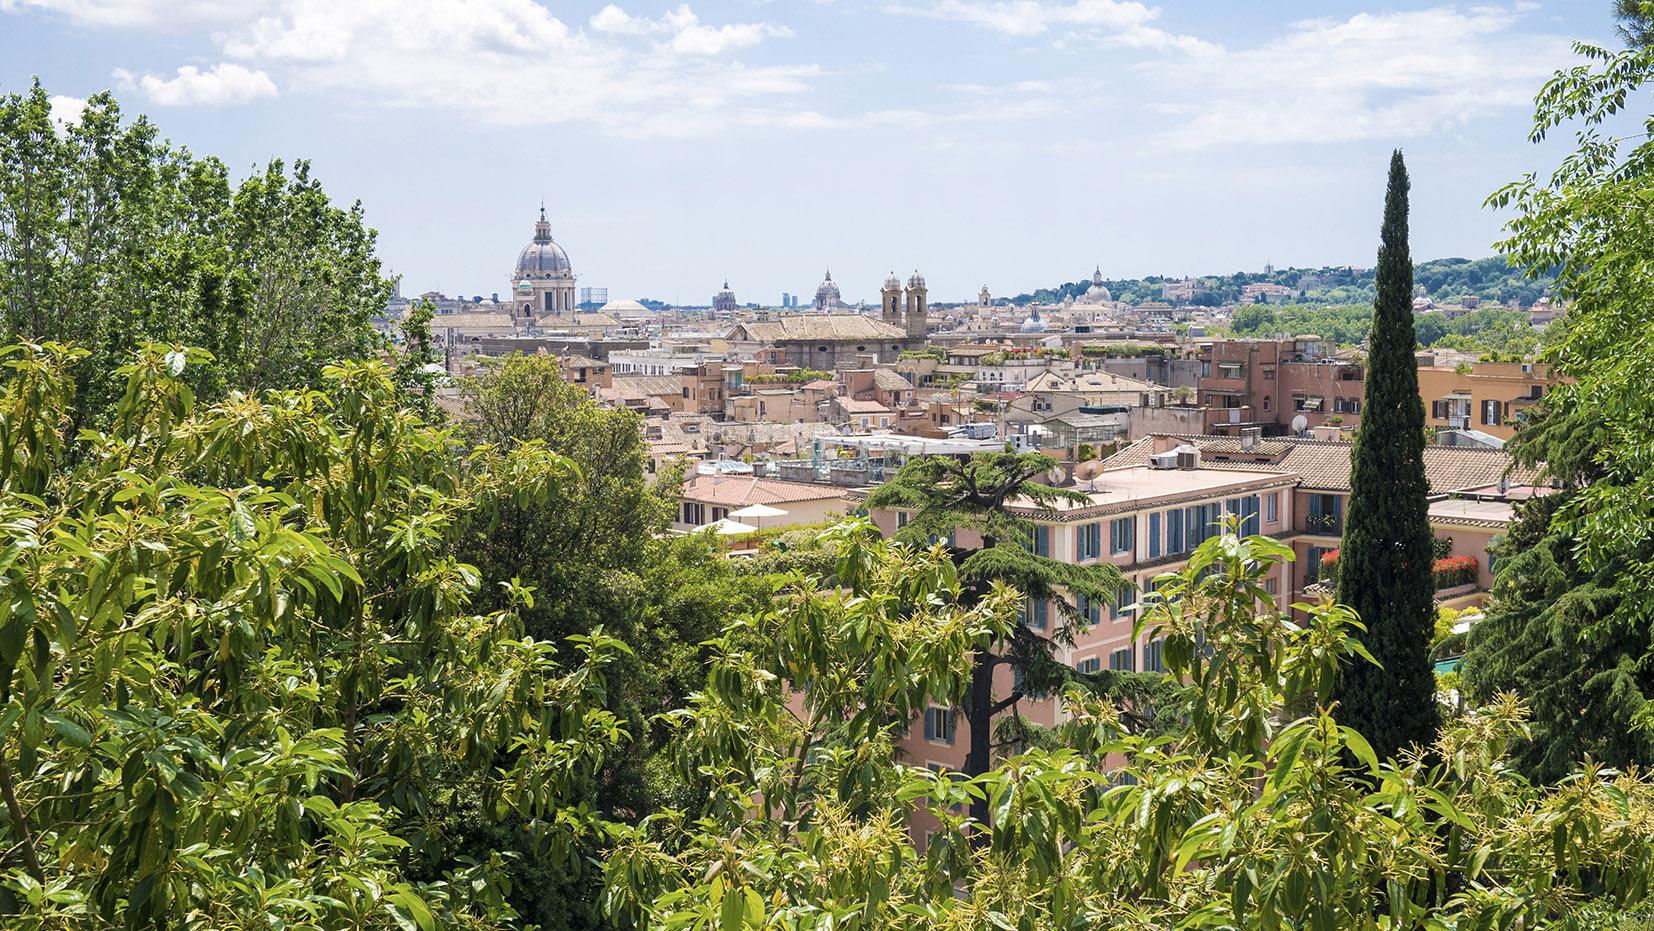 Jardins Borghese Romme en 3 jours verdure toits clochers ciel bleu